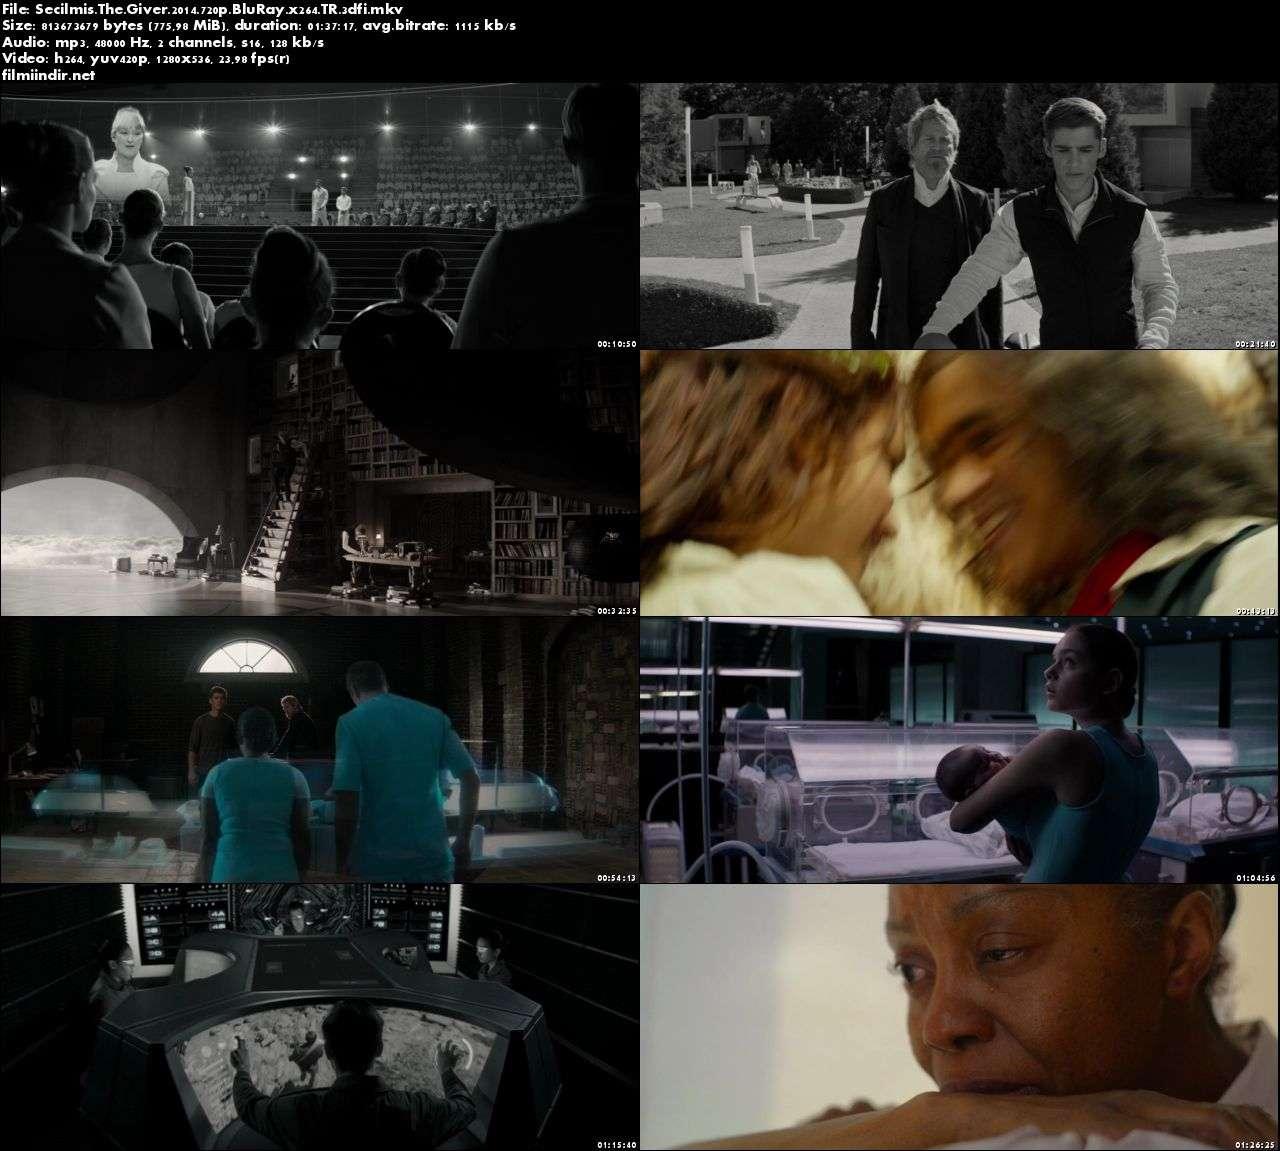 Seçilmiş - The Giver (2014) türkçe dublaj film indir